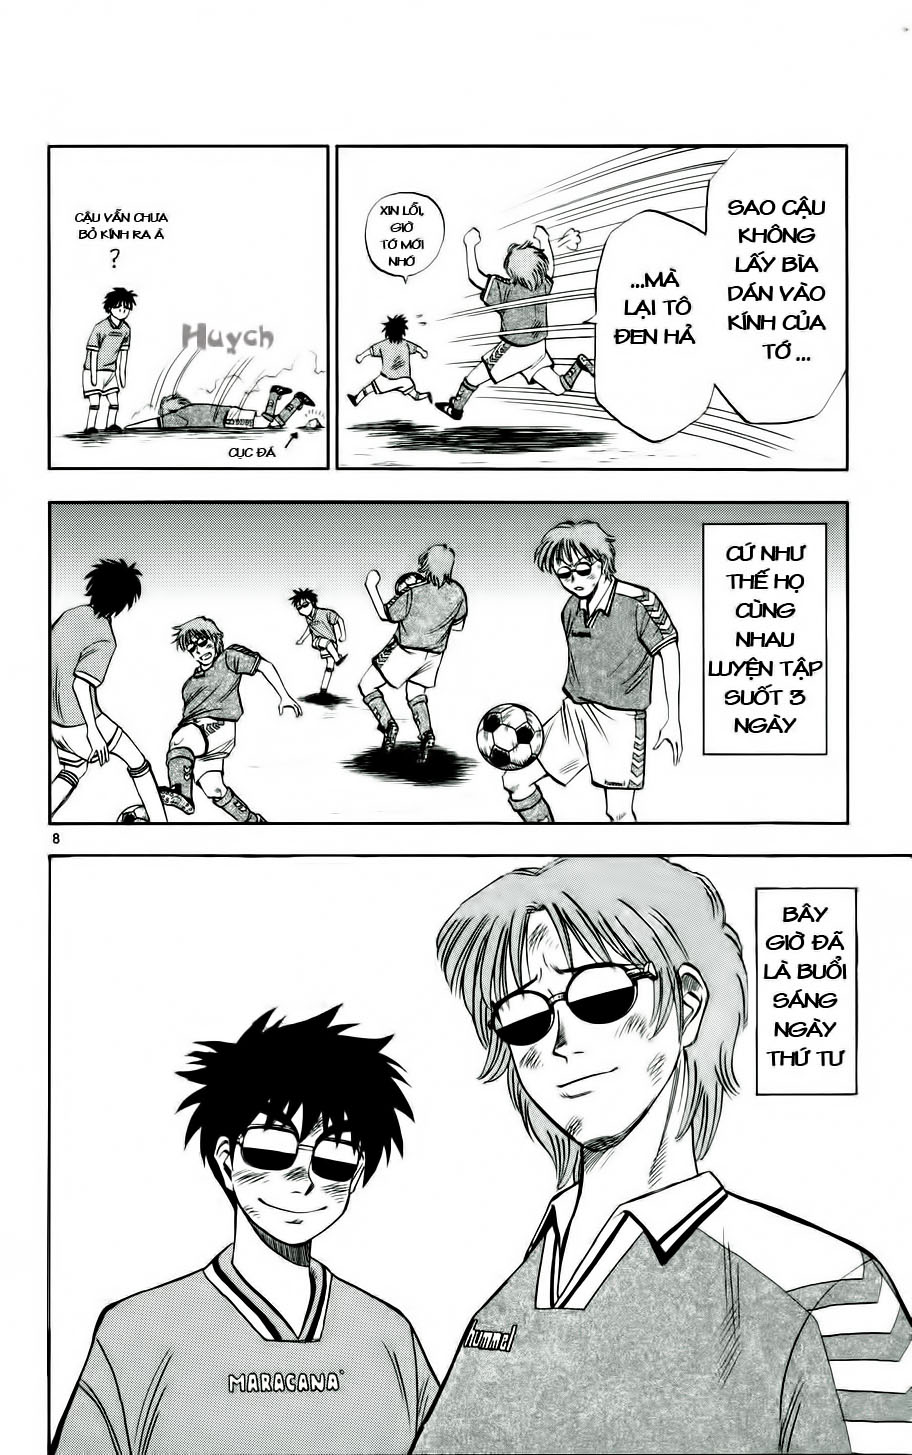 Fantasista chap 11 trang 8